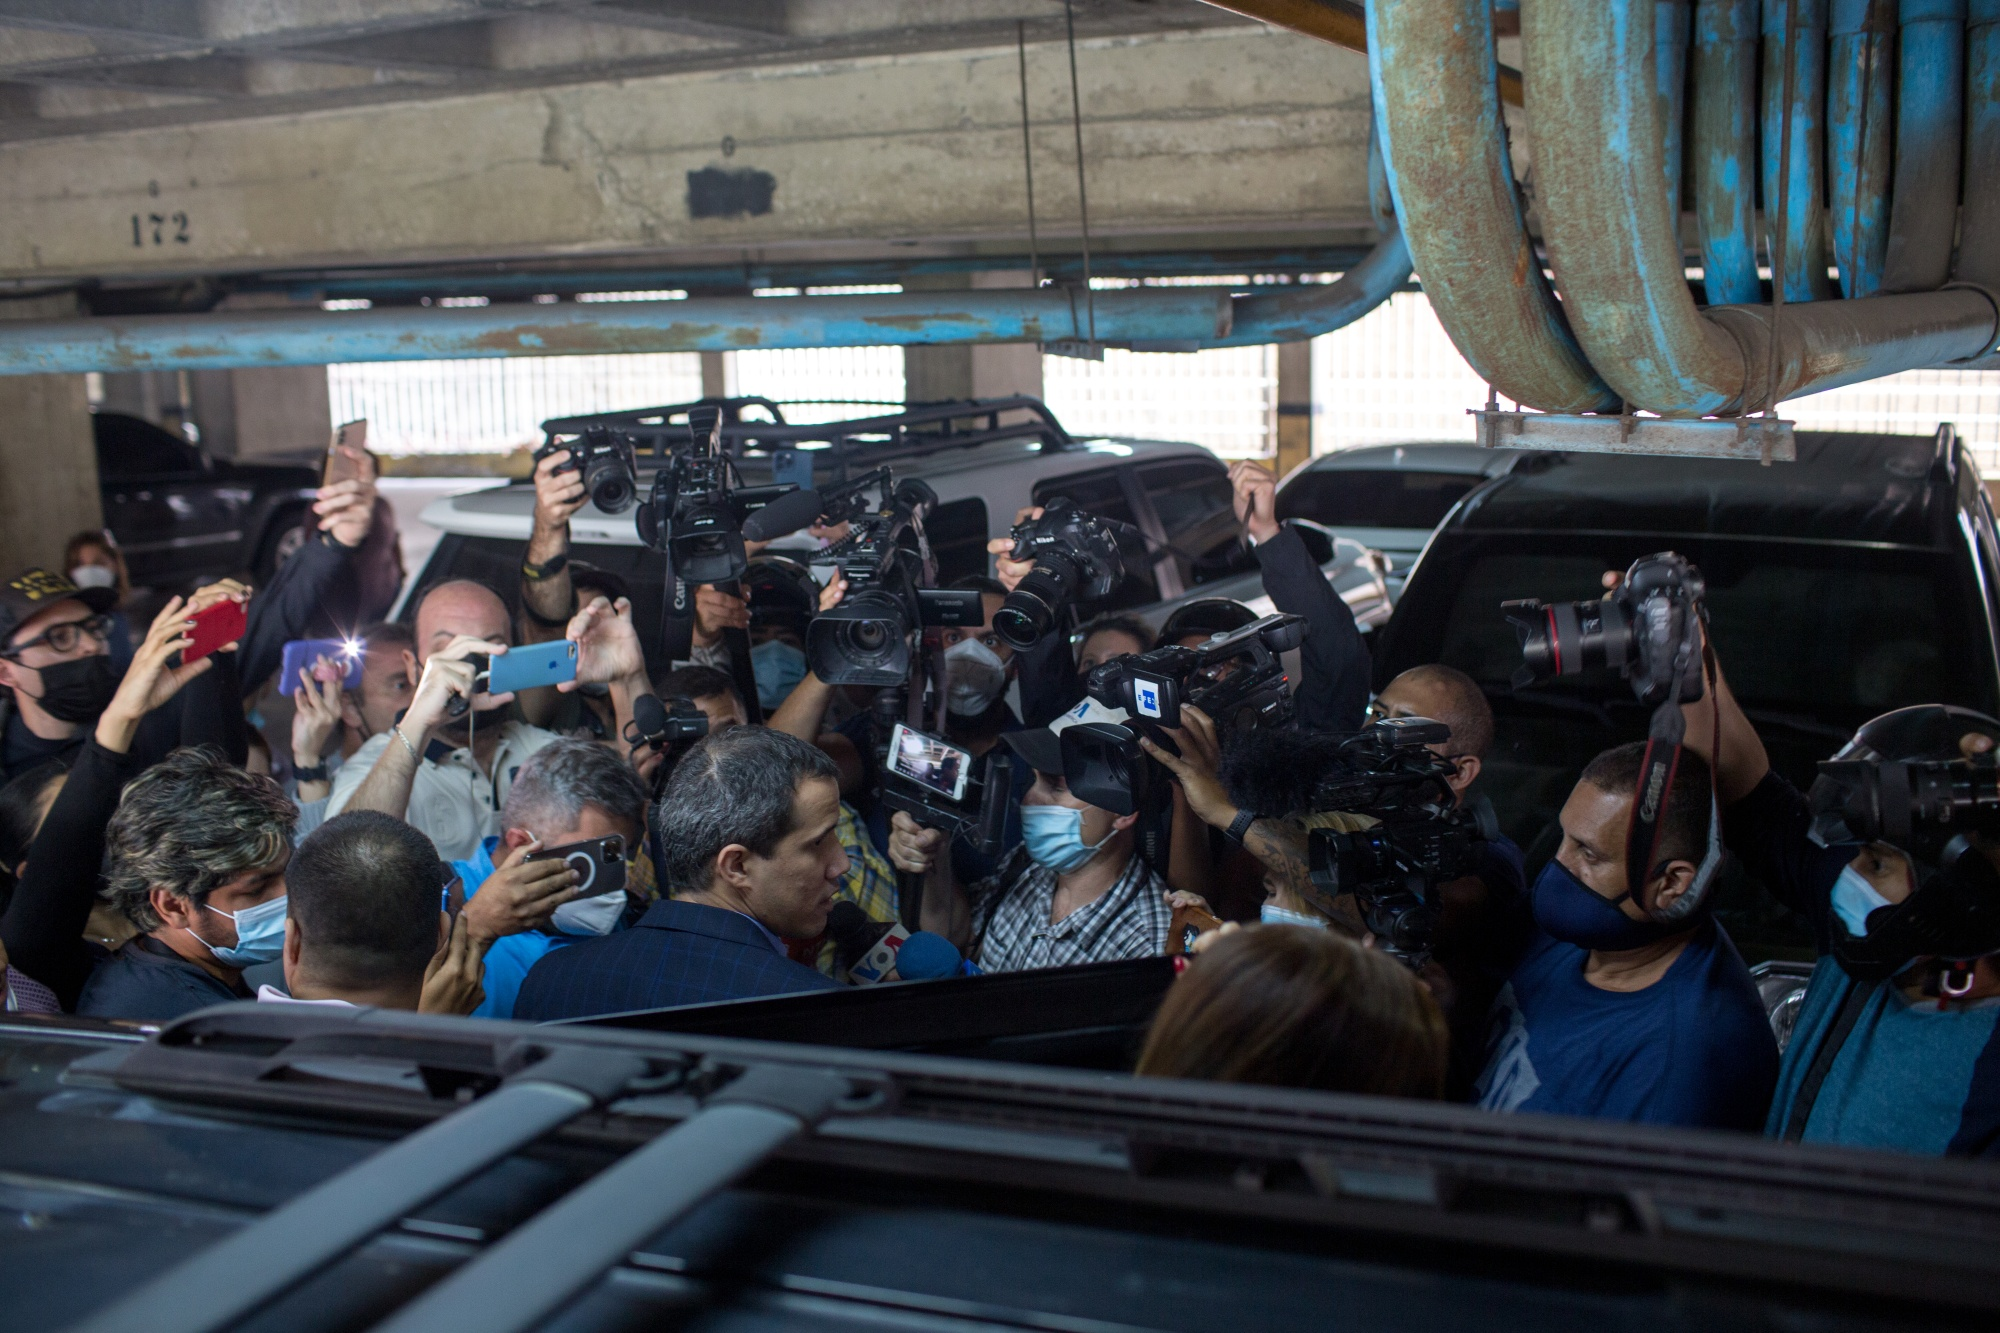 Fuerzas de seguridad venezolanas intentan detener al líder opositor Guaidó